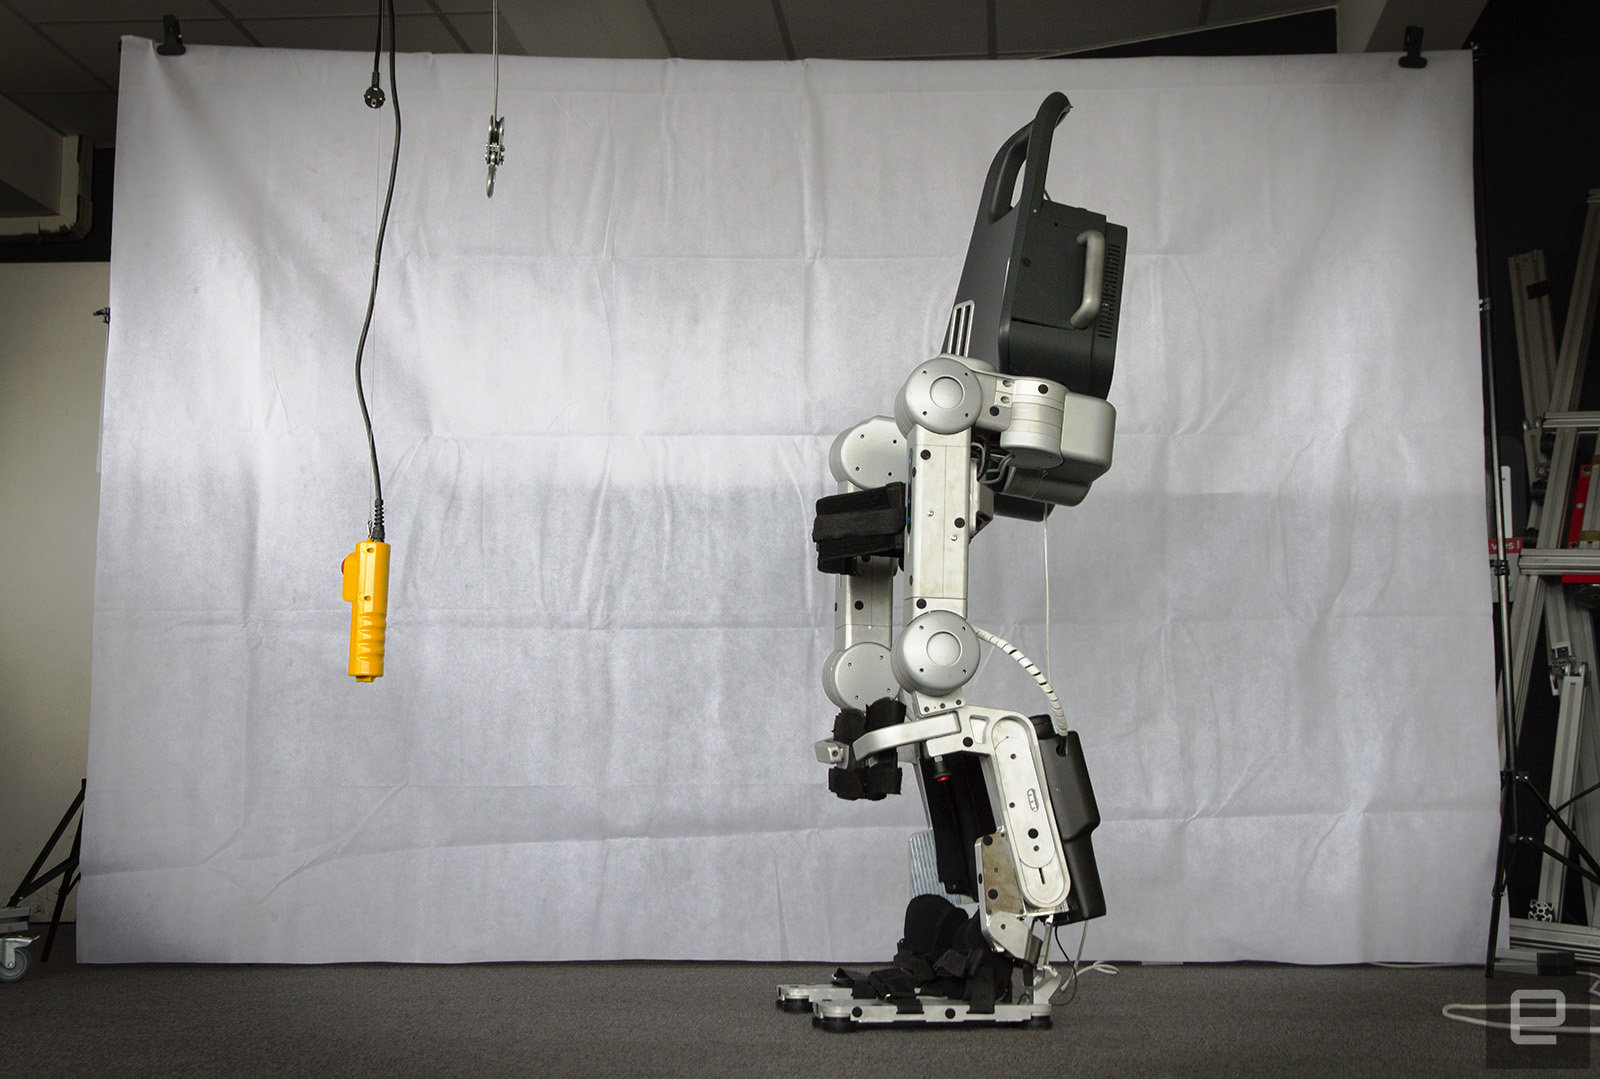 Во Франции разрешили продажу своей новейшей разработки - экзоскелета Atalante, снабженного системой стабилизации